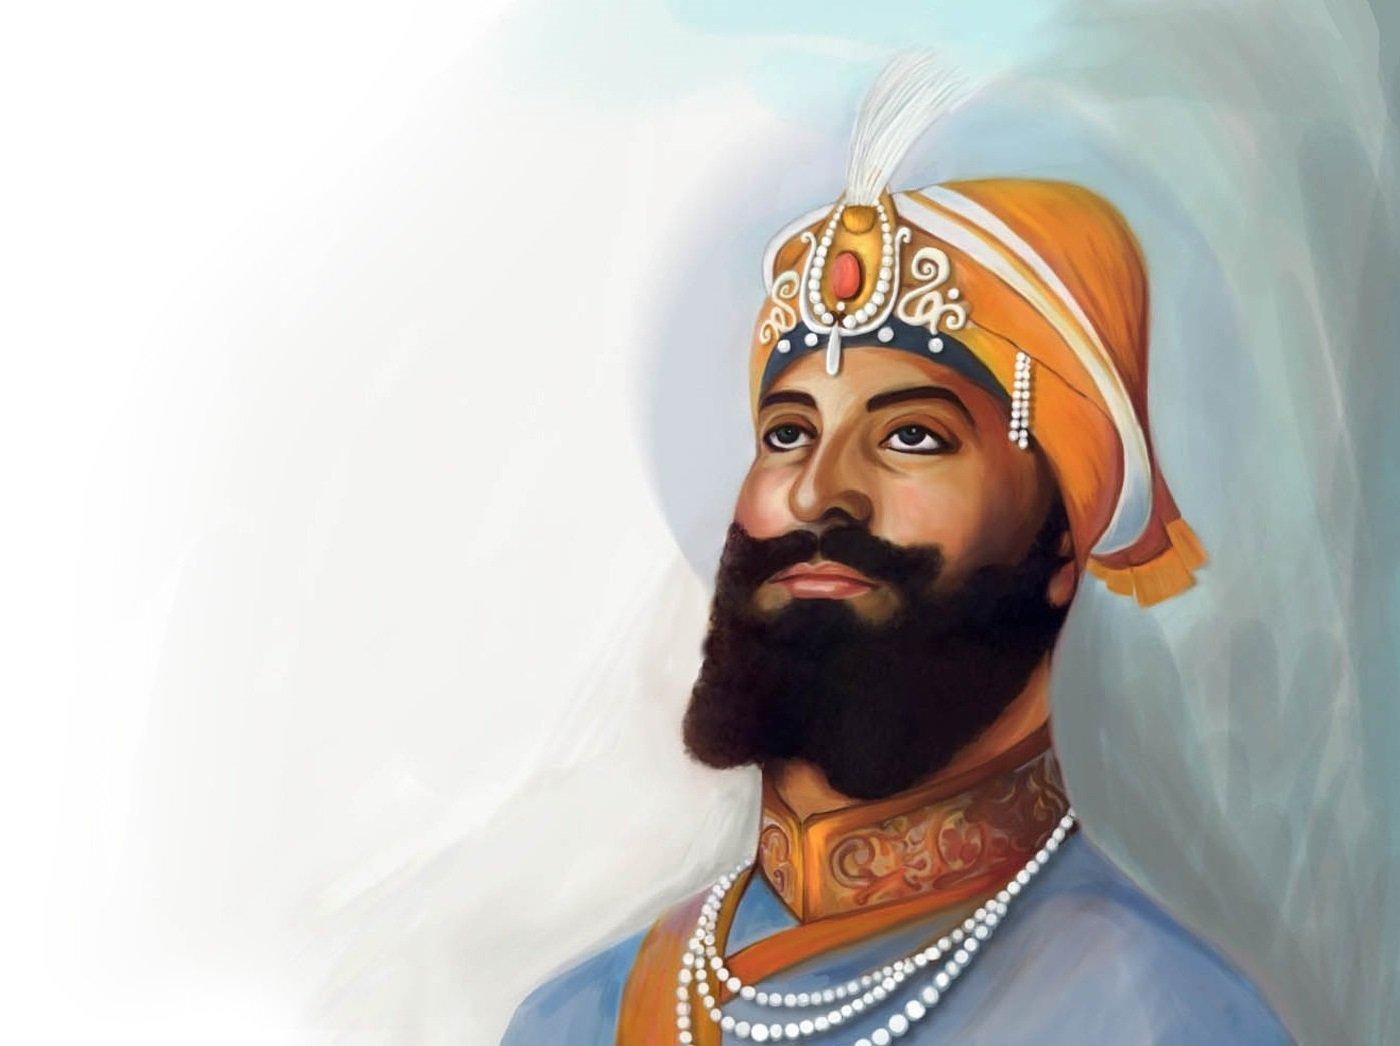 Sri Guru Gobind Singh Ji - guru_gobind_singh1